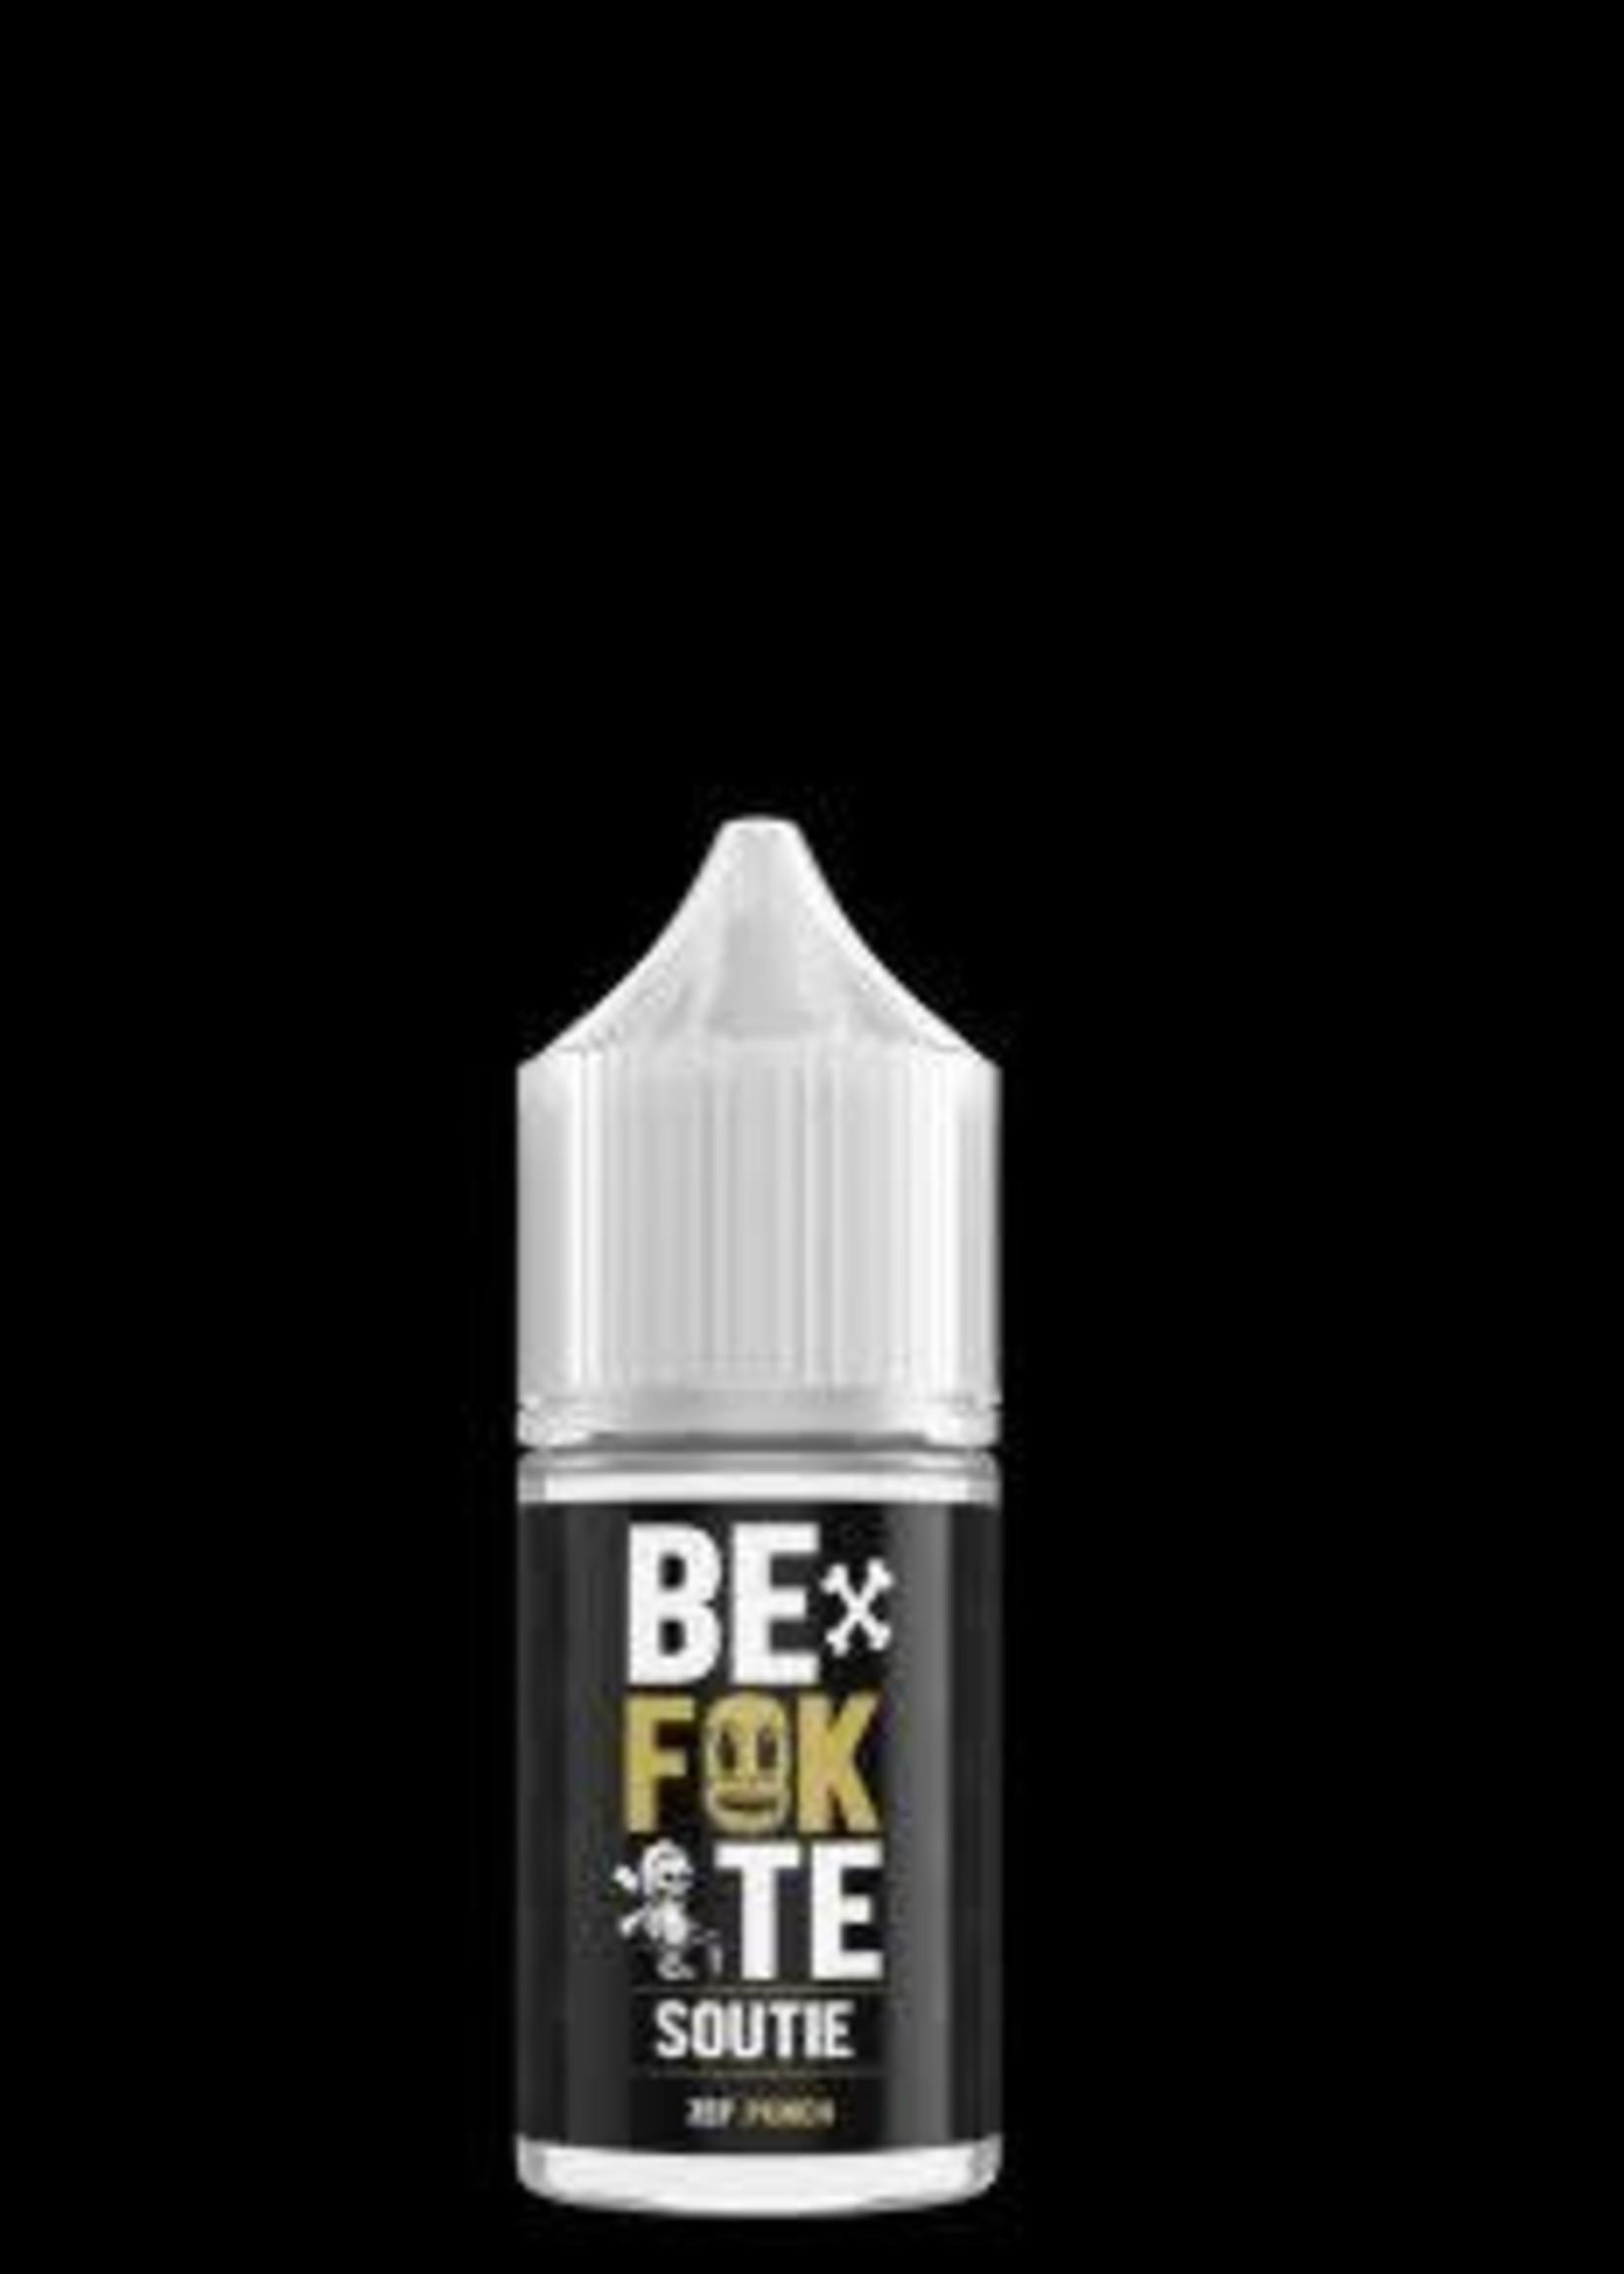 Vape flavour - Zef punch salts 30ml- 20mg